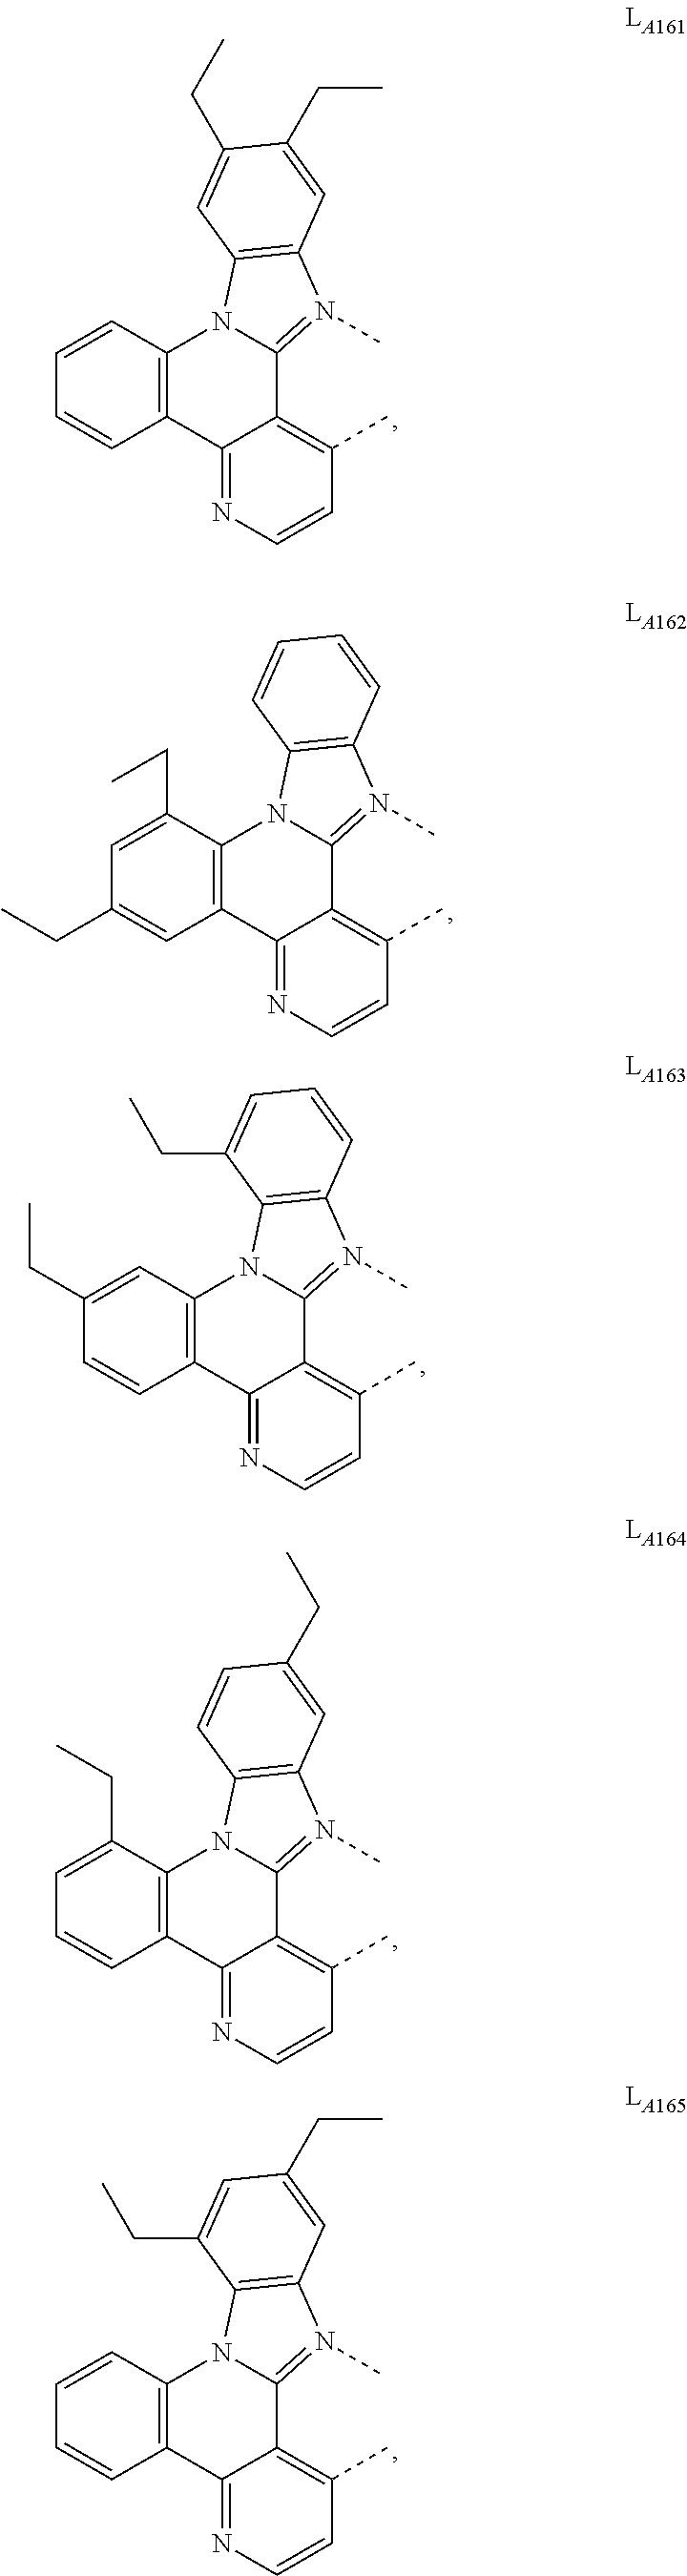 Figure US09905785-20180227-C00459